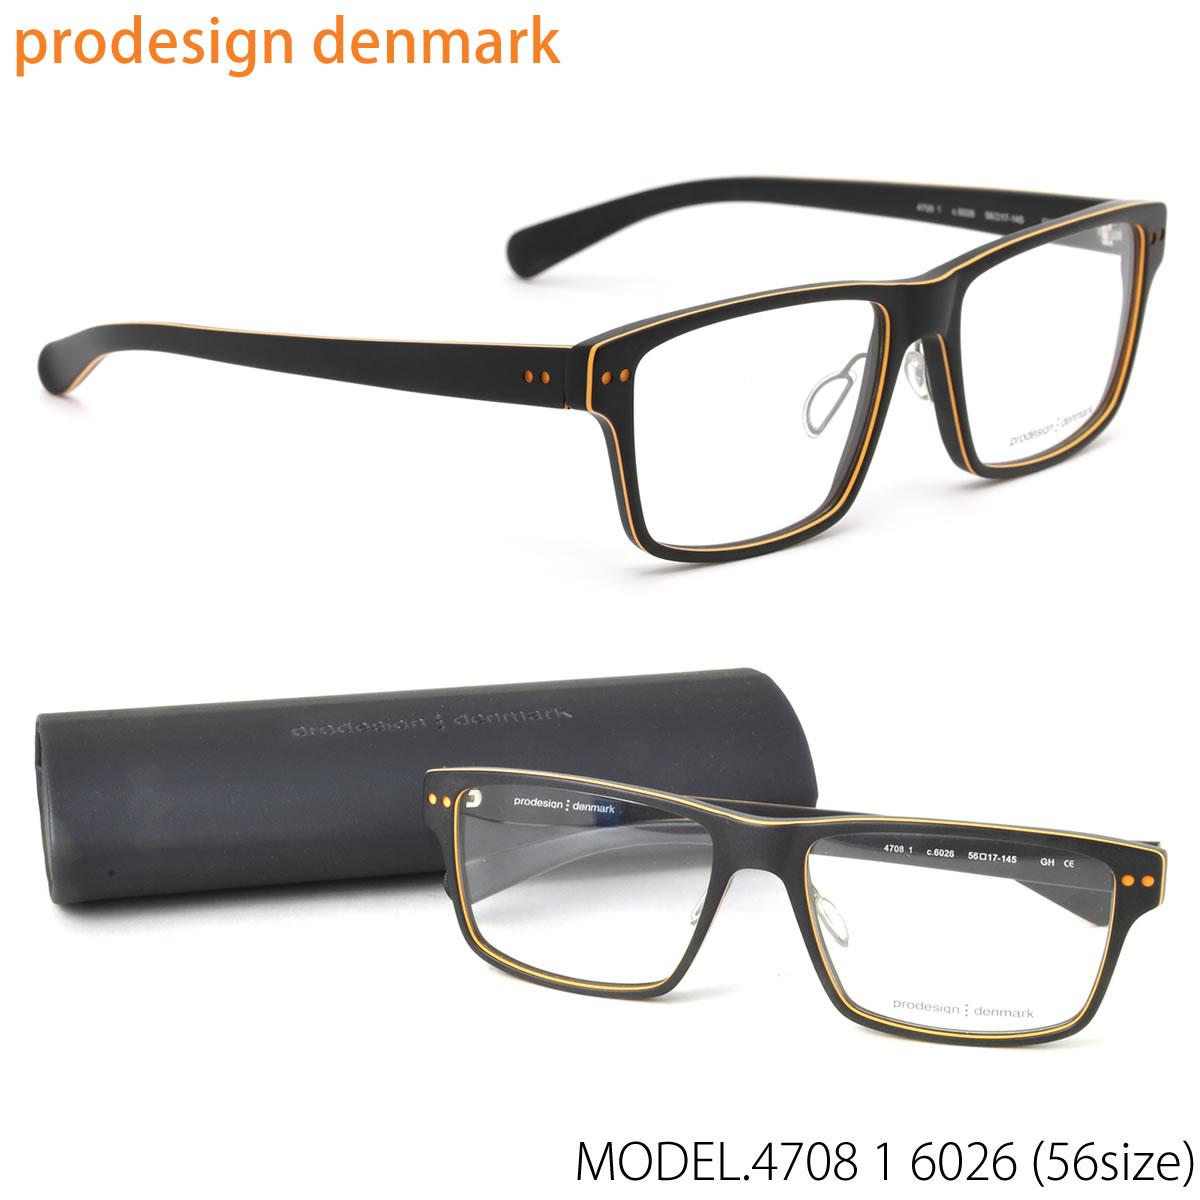 ほぼ全品ポイント15倍~最大43倍+3倍!お得なクーポンも! prodesign:denmark(プロデザインデンマーク) メガネ フレーム 4708-1 6026 56 北欧 スクエア 伊達メガネレンズ無料 プロデザインデンマーク prodesign:denmark メンズ レディース【LOS30】